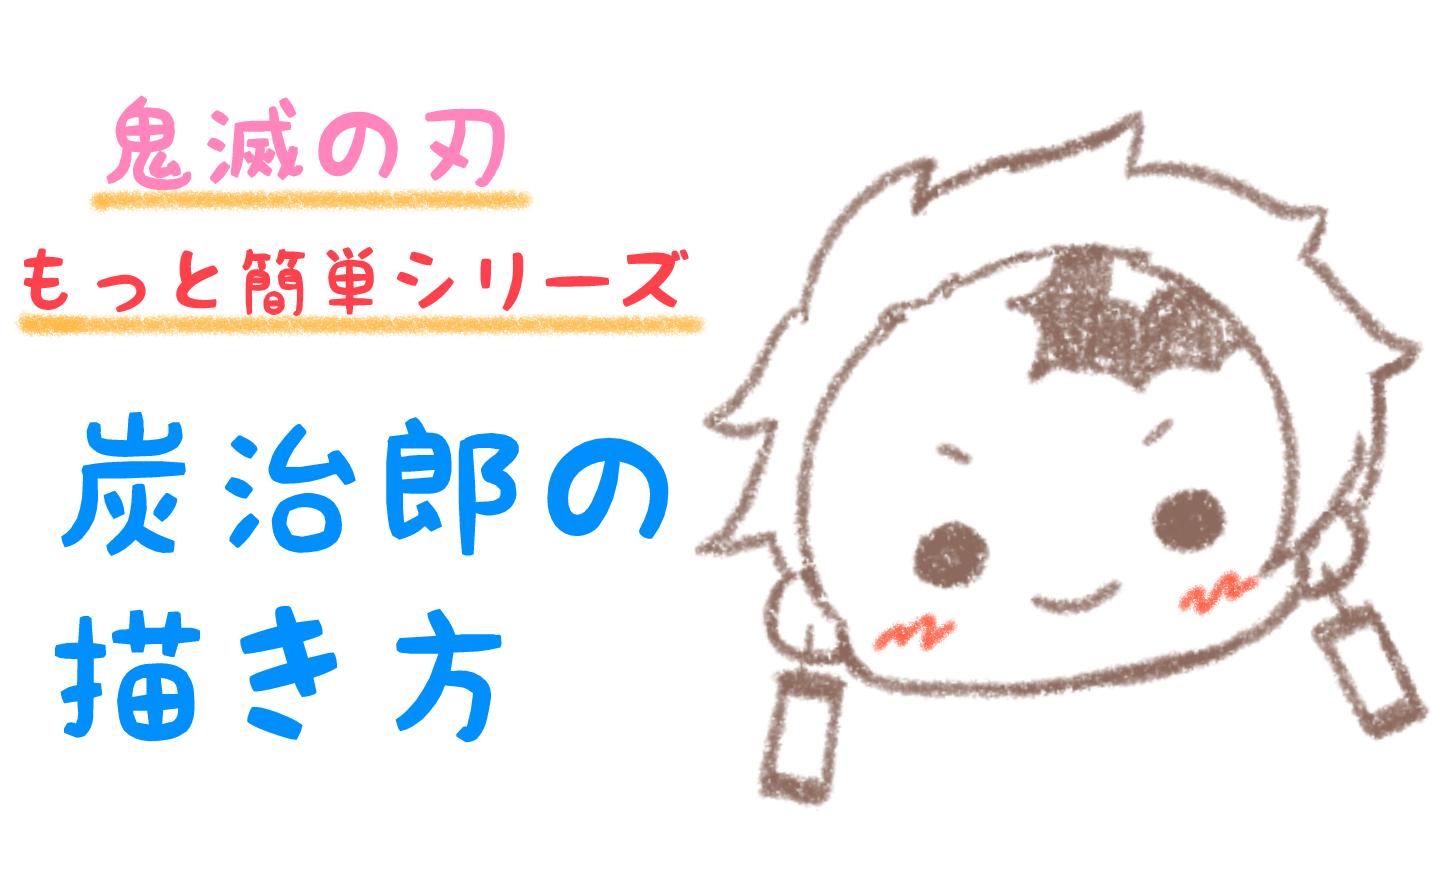 炭 治郎 簡単 イラスト 炭治郎の簡単ミニキャライラストの描き方!ゆっくり解説【鬼滅の刃】